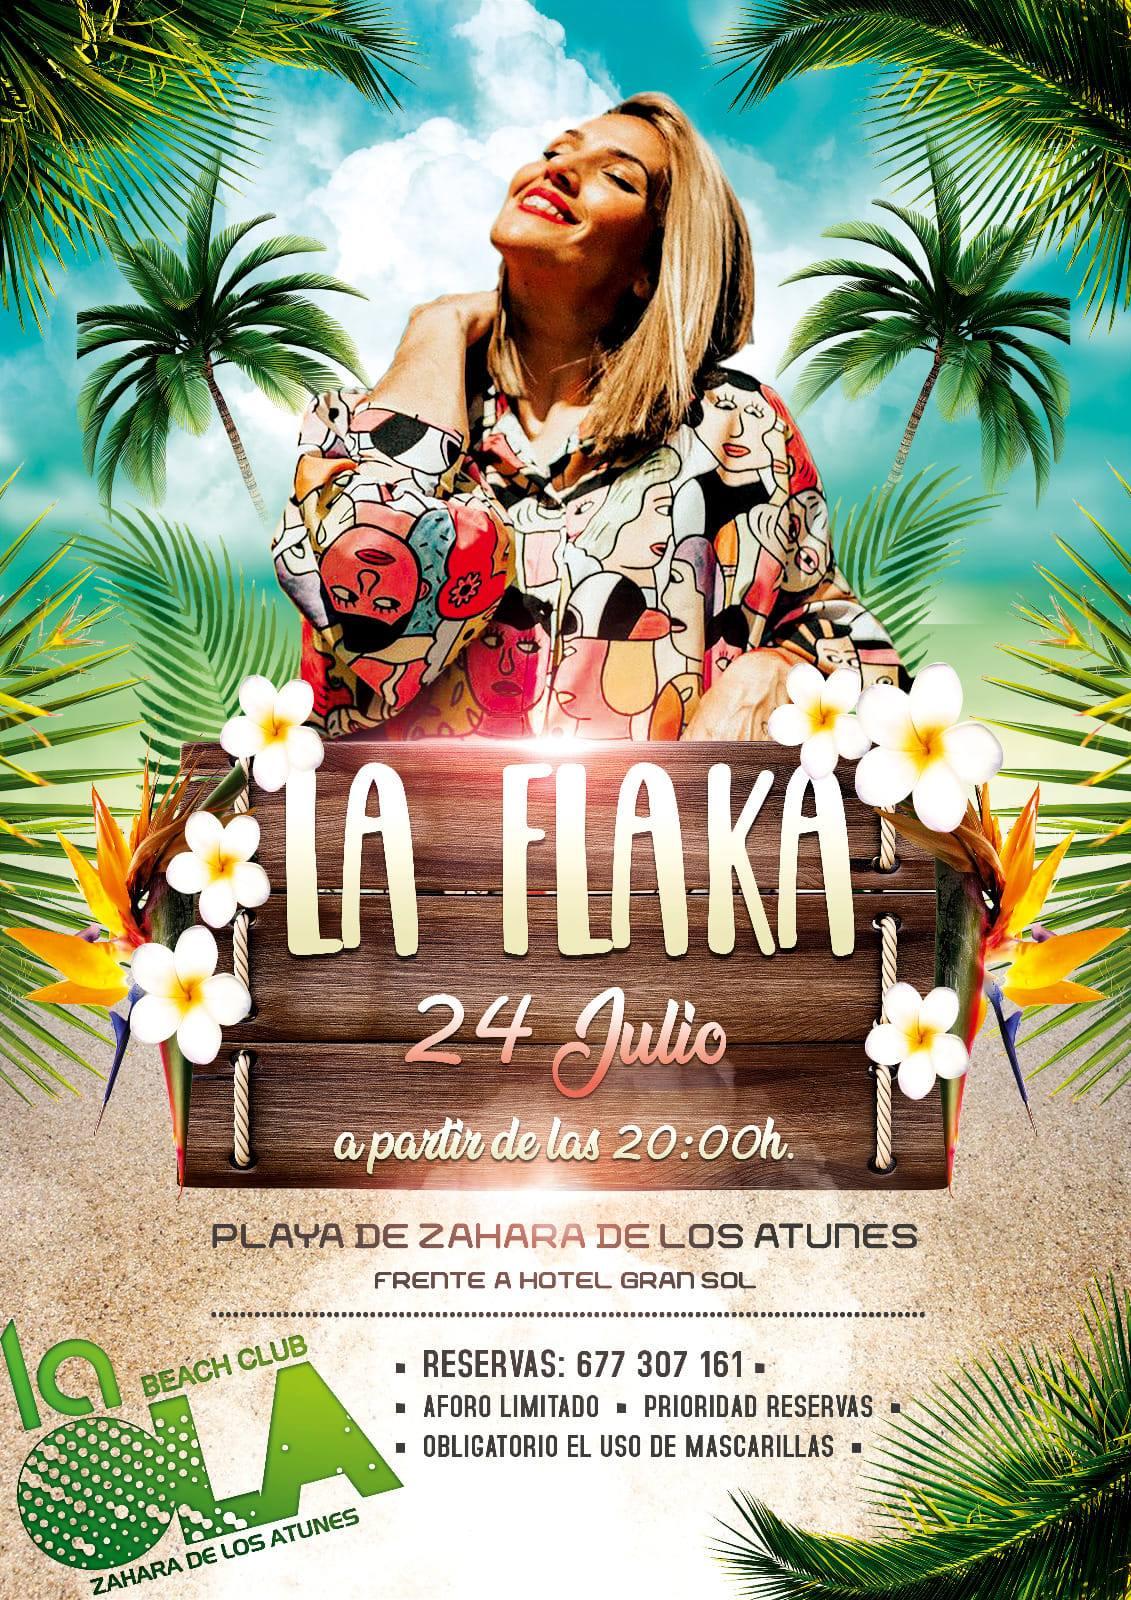 Actuación de La Flaka en el chiringuito La Ola Beach